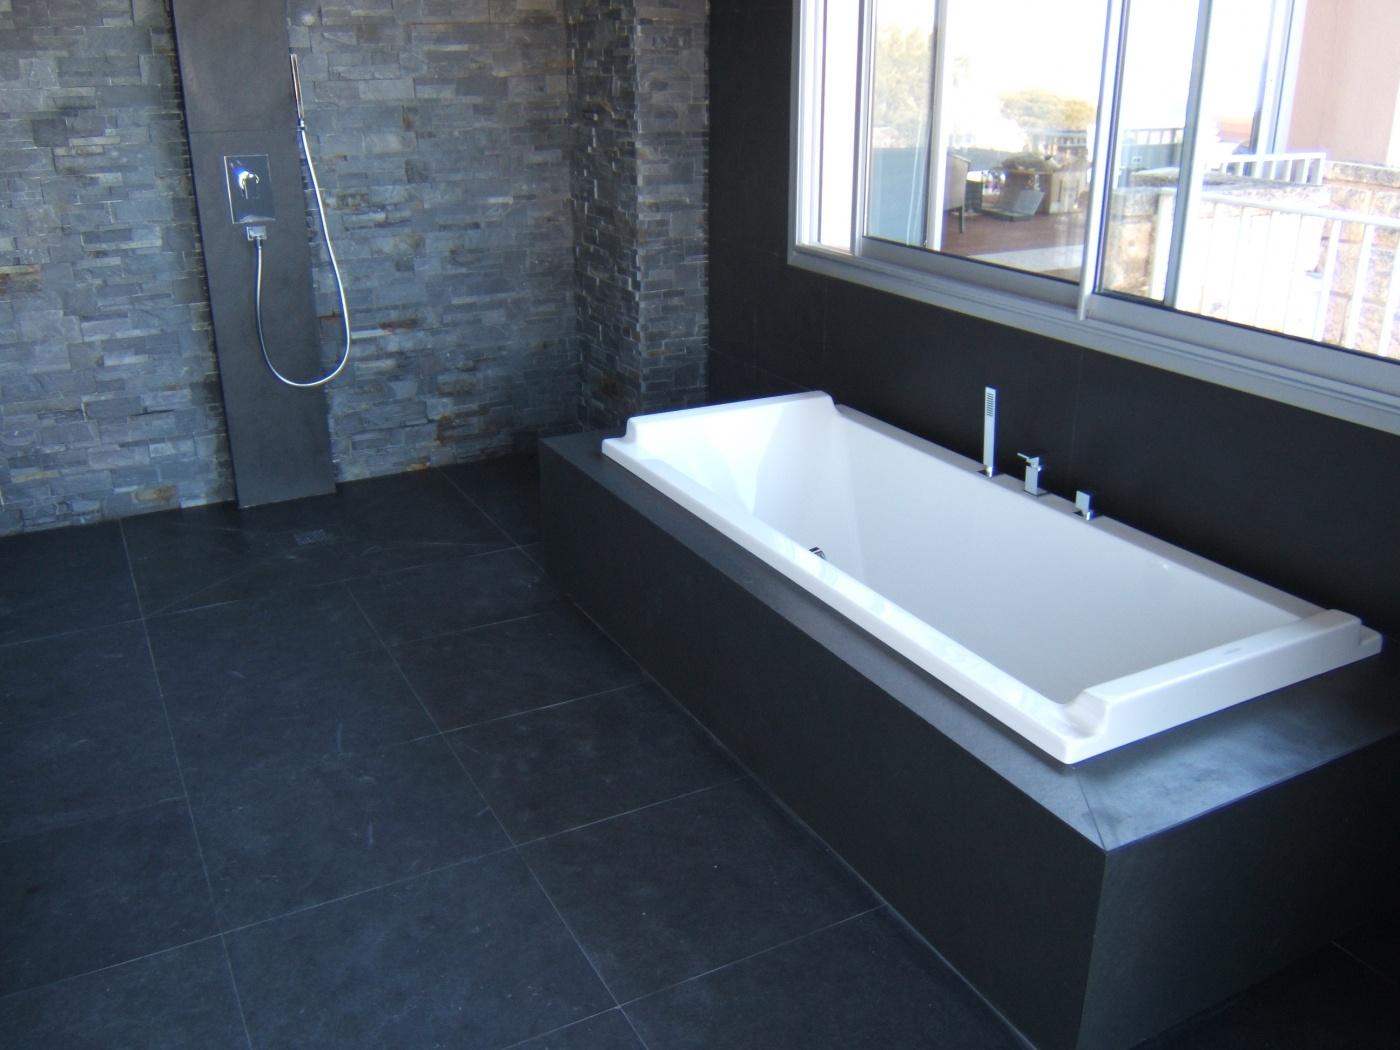 Salle de bains en Ardoise noire 60x60 Receveur de douche, plan vasque et habillage de baignoire sur mesure. Installation à marseille